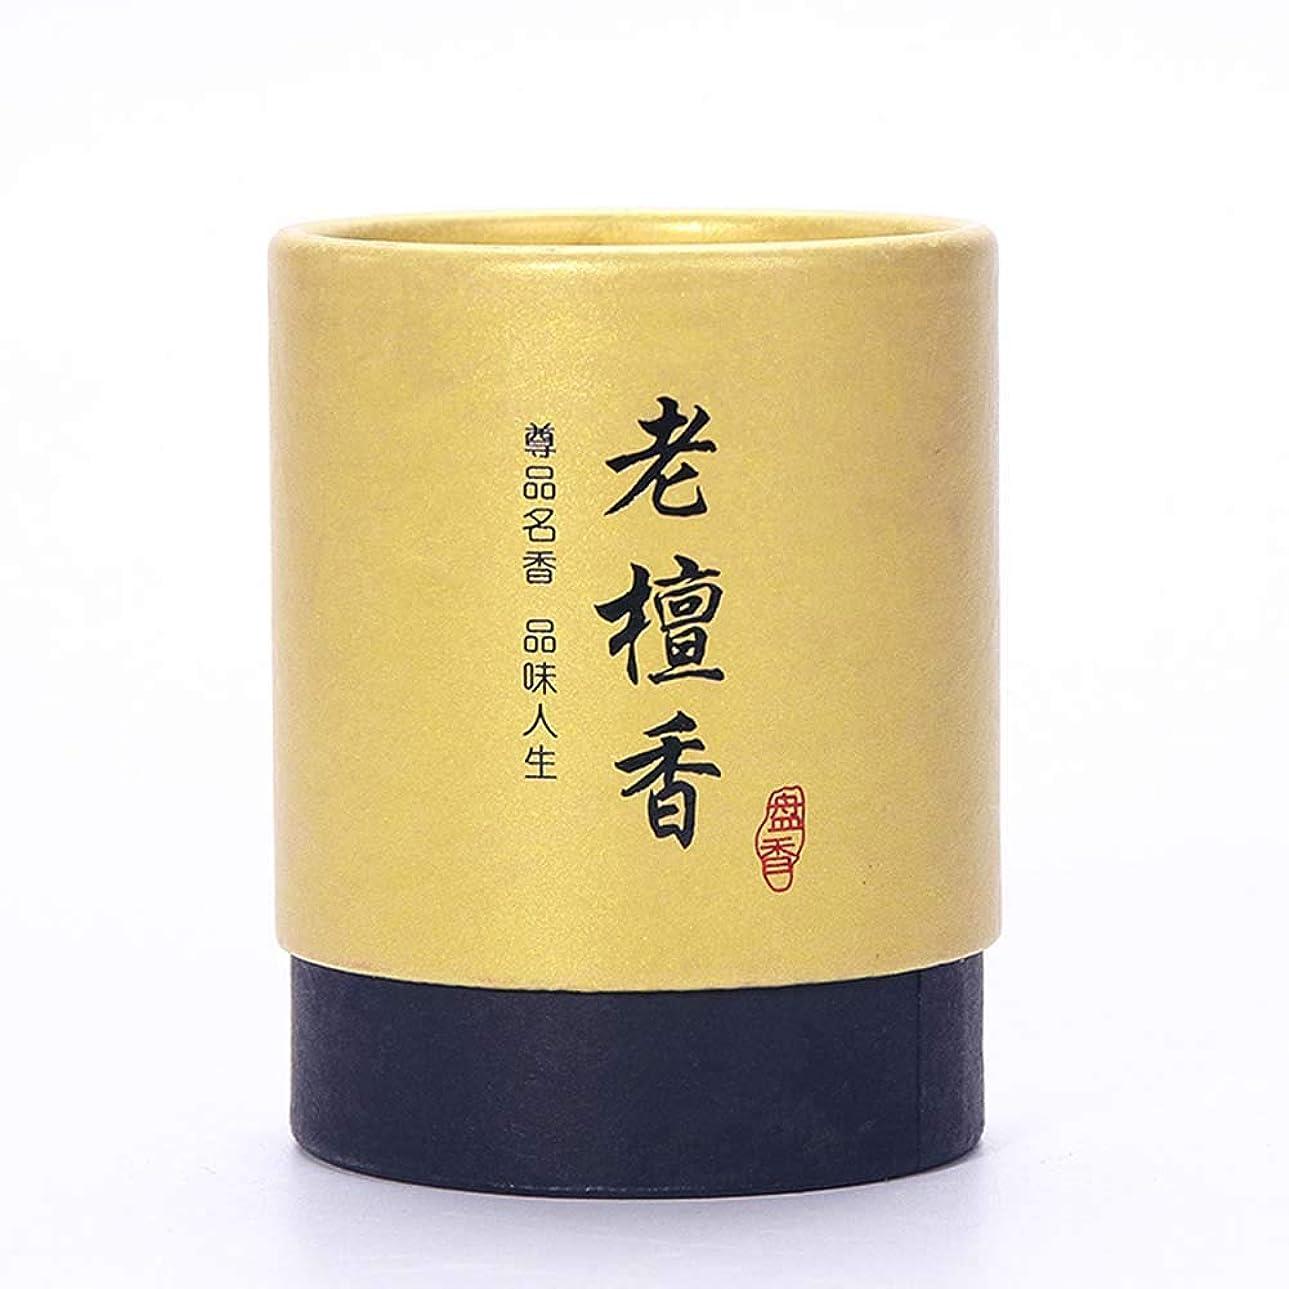 暫定郡息苦しいHwaGui お香 ビャクダン 2時間 盤香 渦巻き線香 優しい香り 48巻入 (老い檀香)